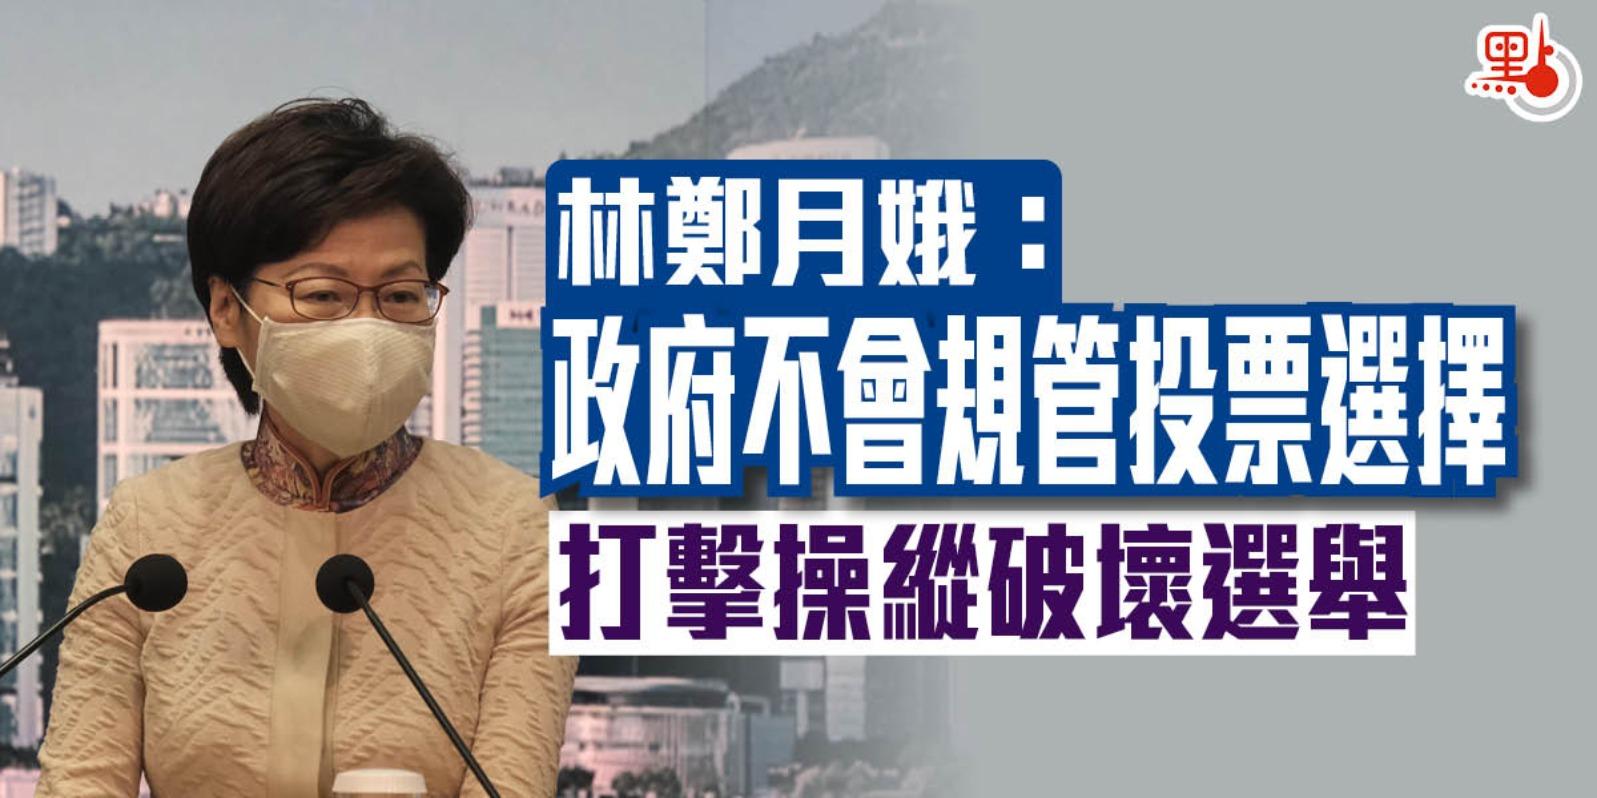 (有片)林鄭月娥:政府不會規管投票選擇 打擊操縱破壞選舉